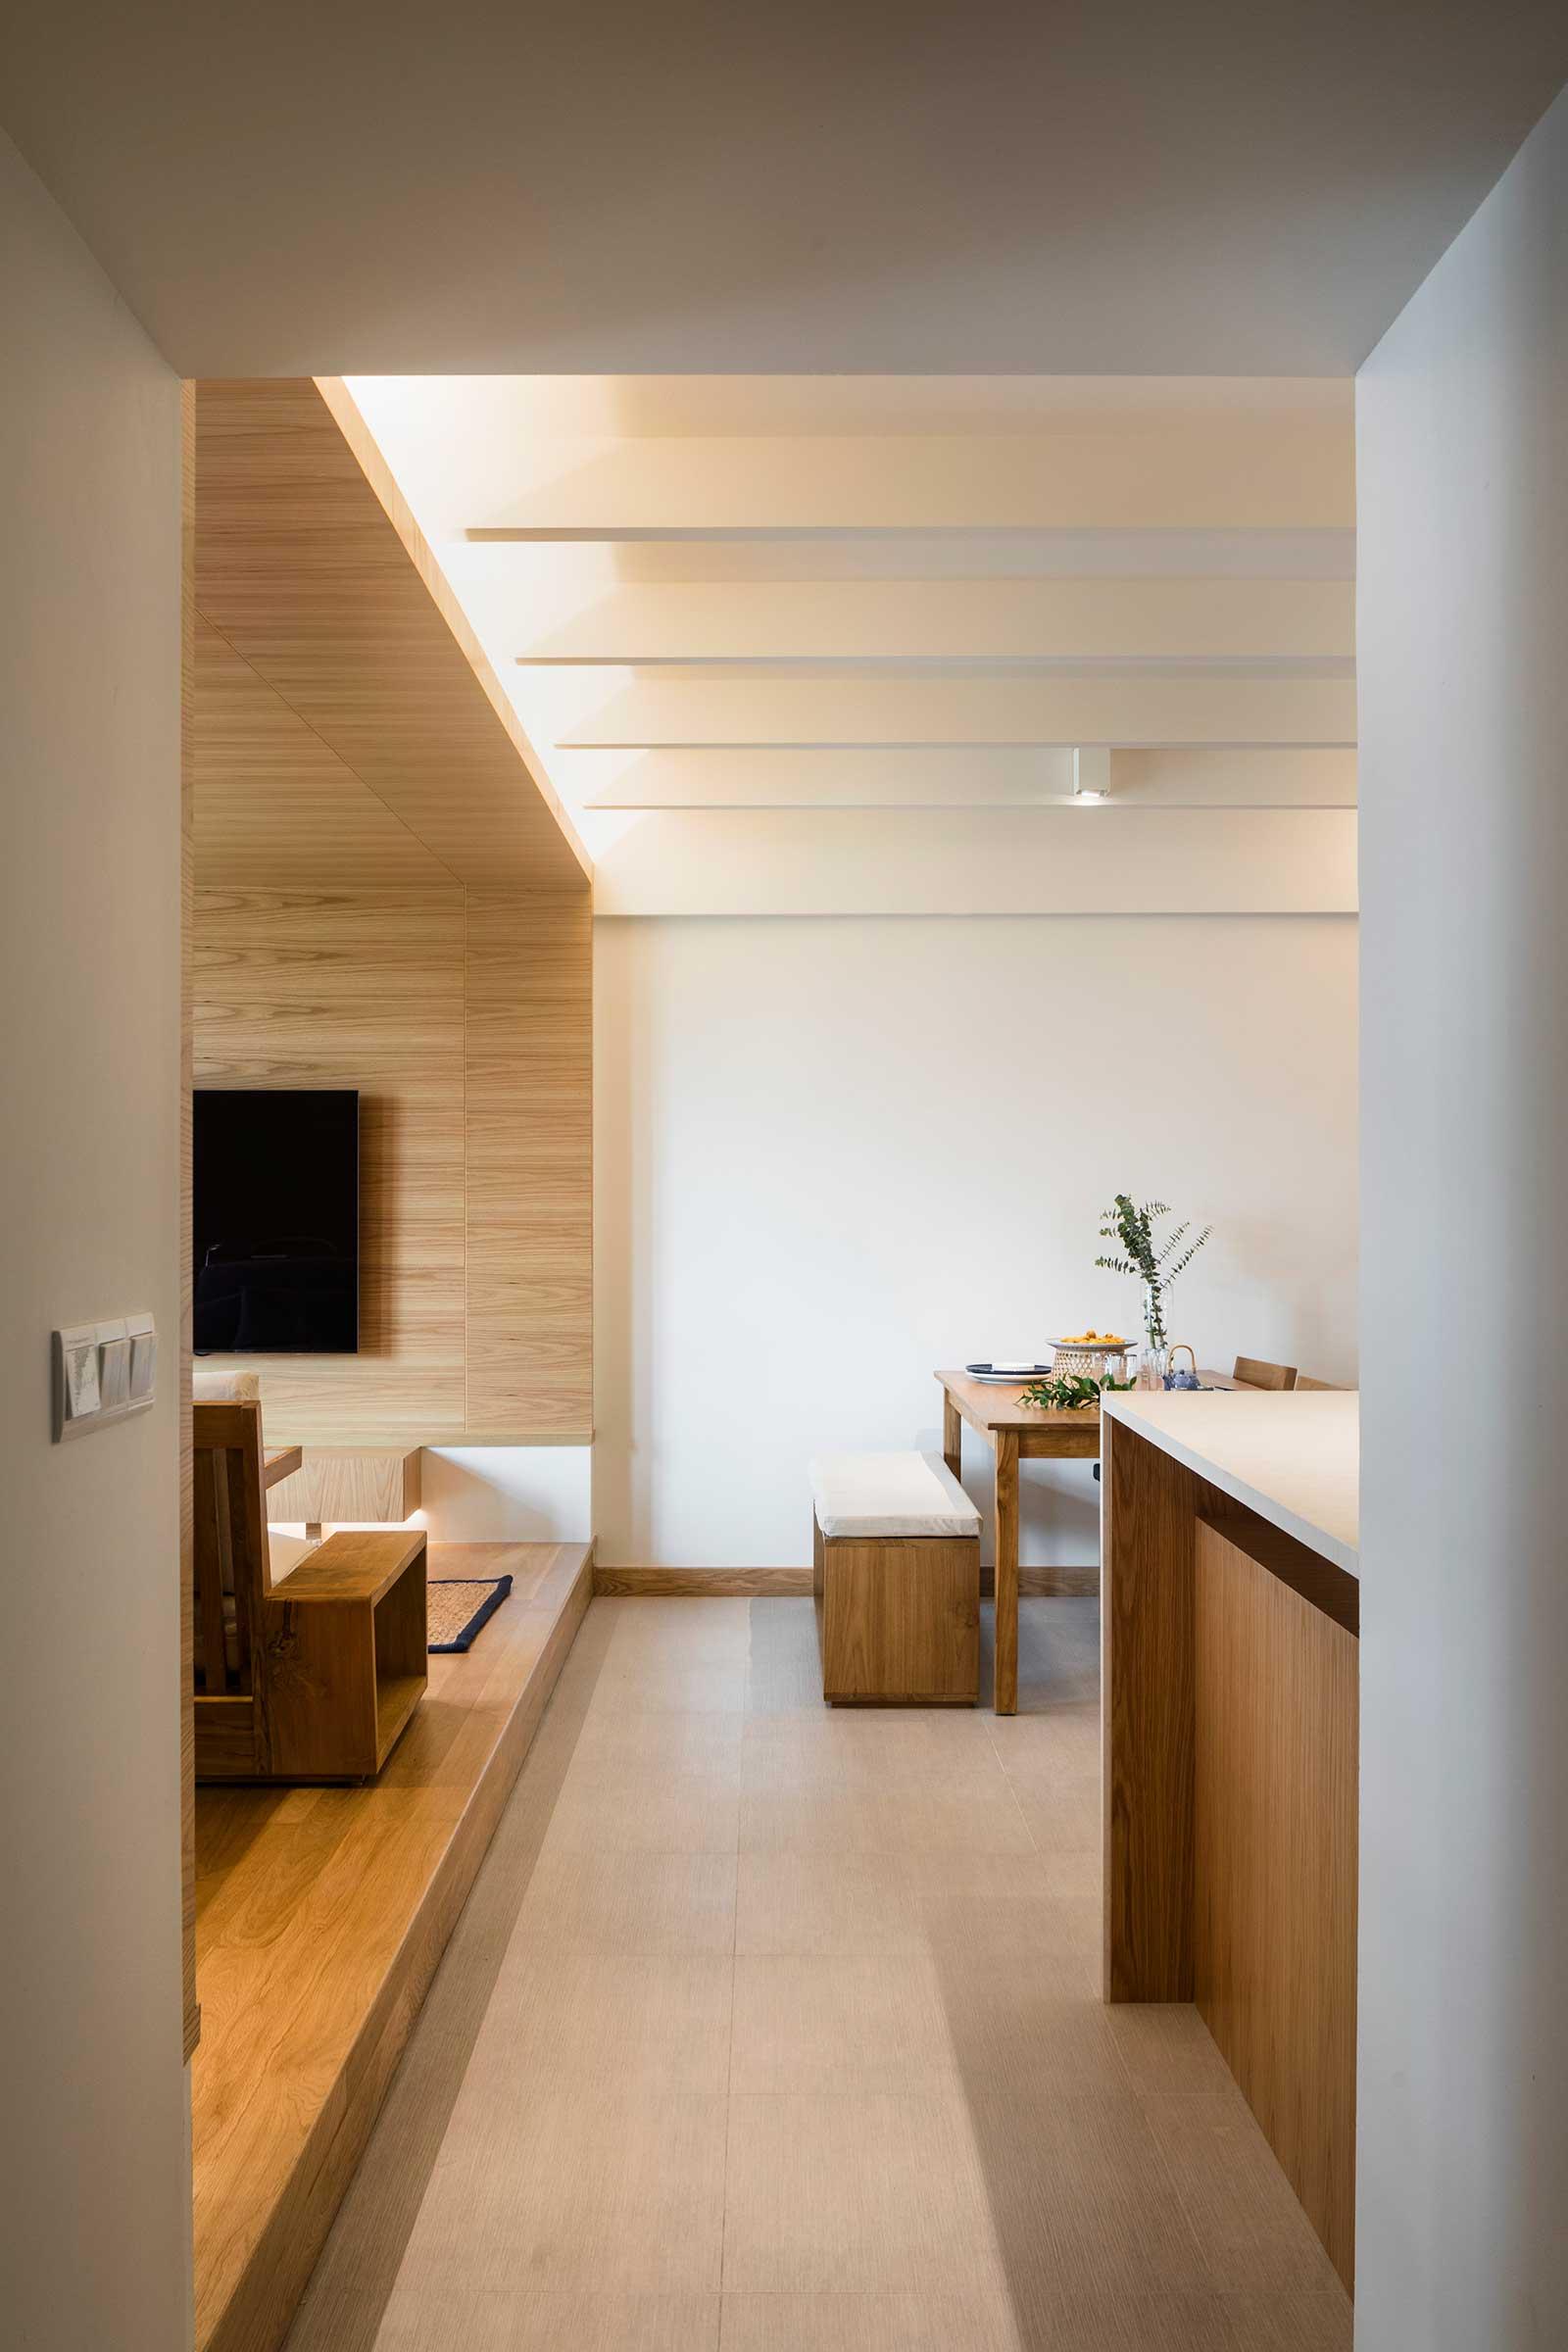 Bukit-Batok-West-Ave-6_Goy-Architects_36.jpg